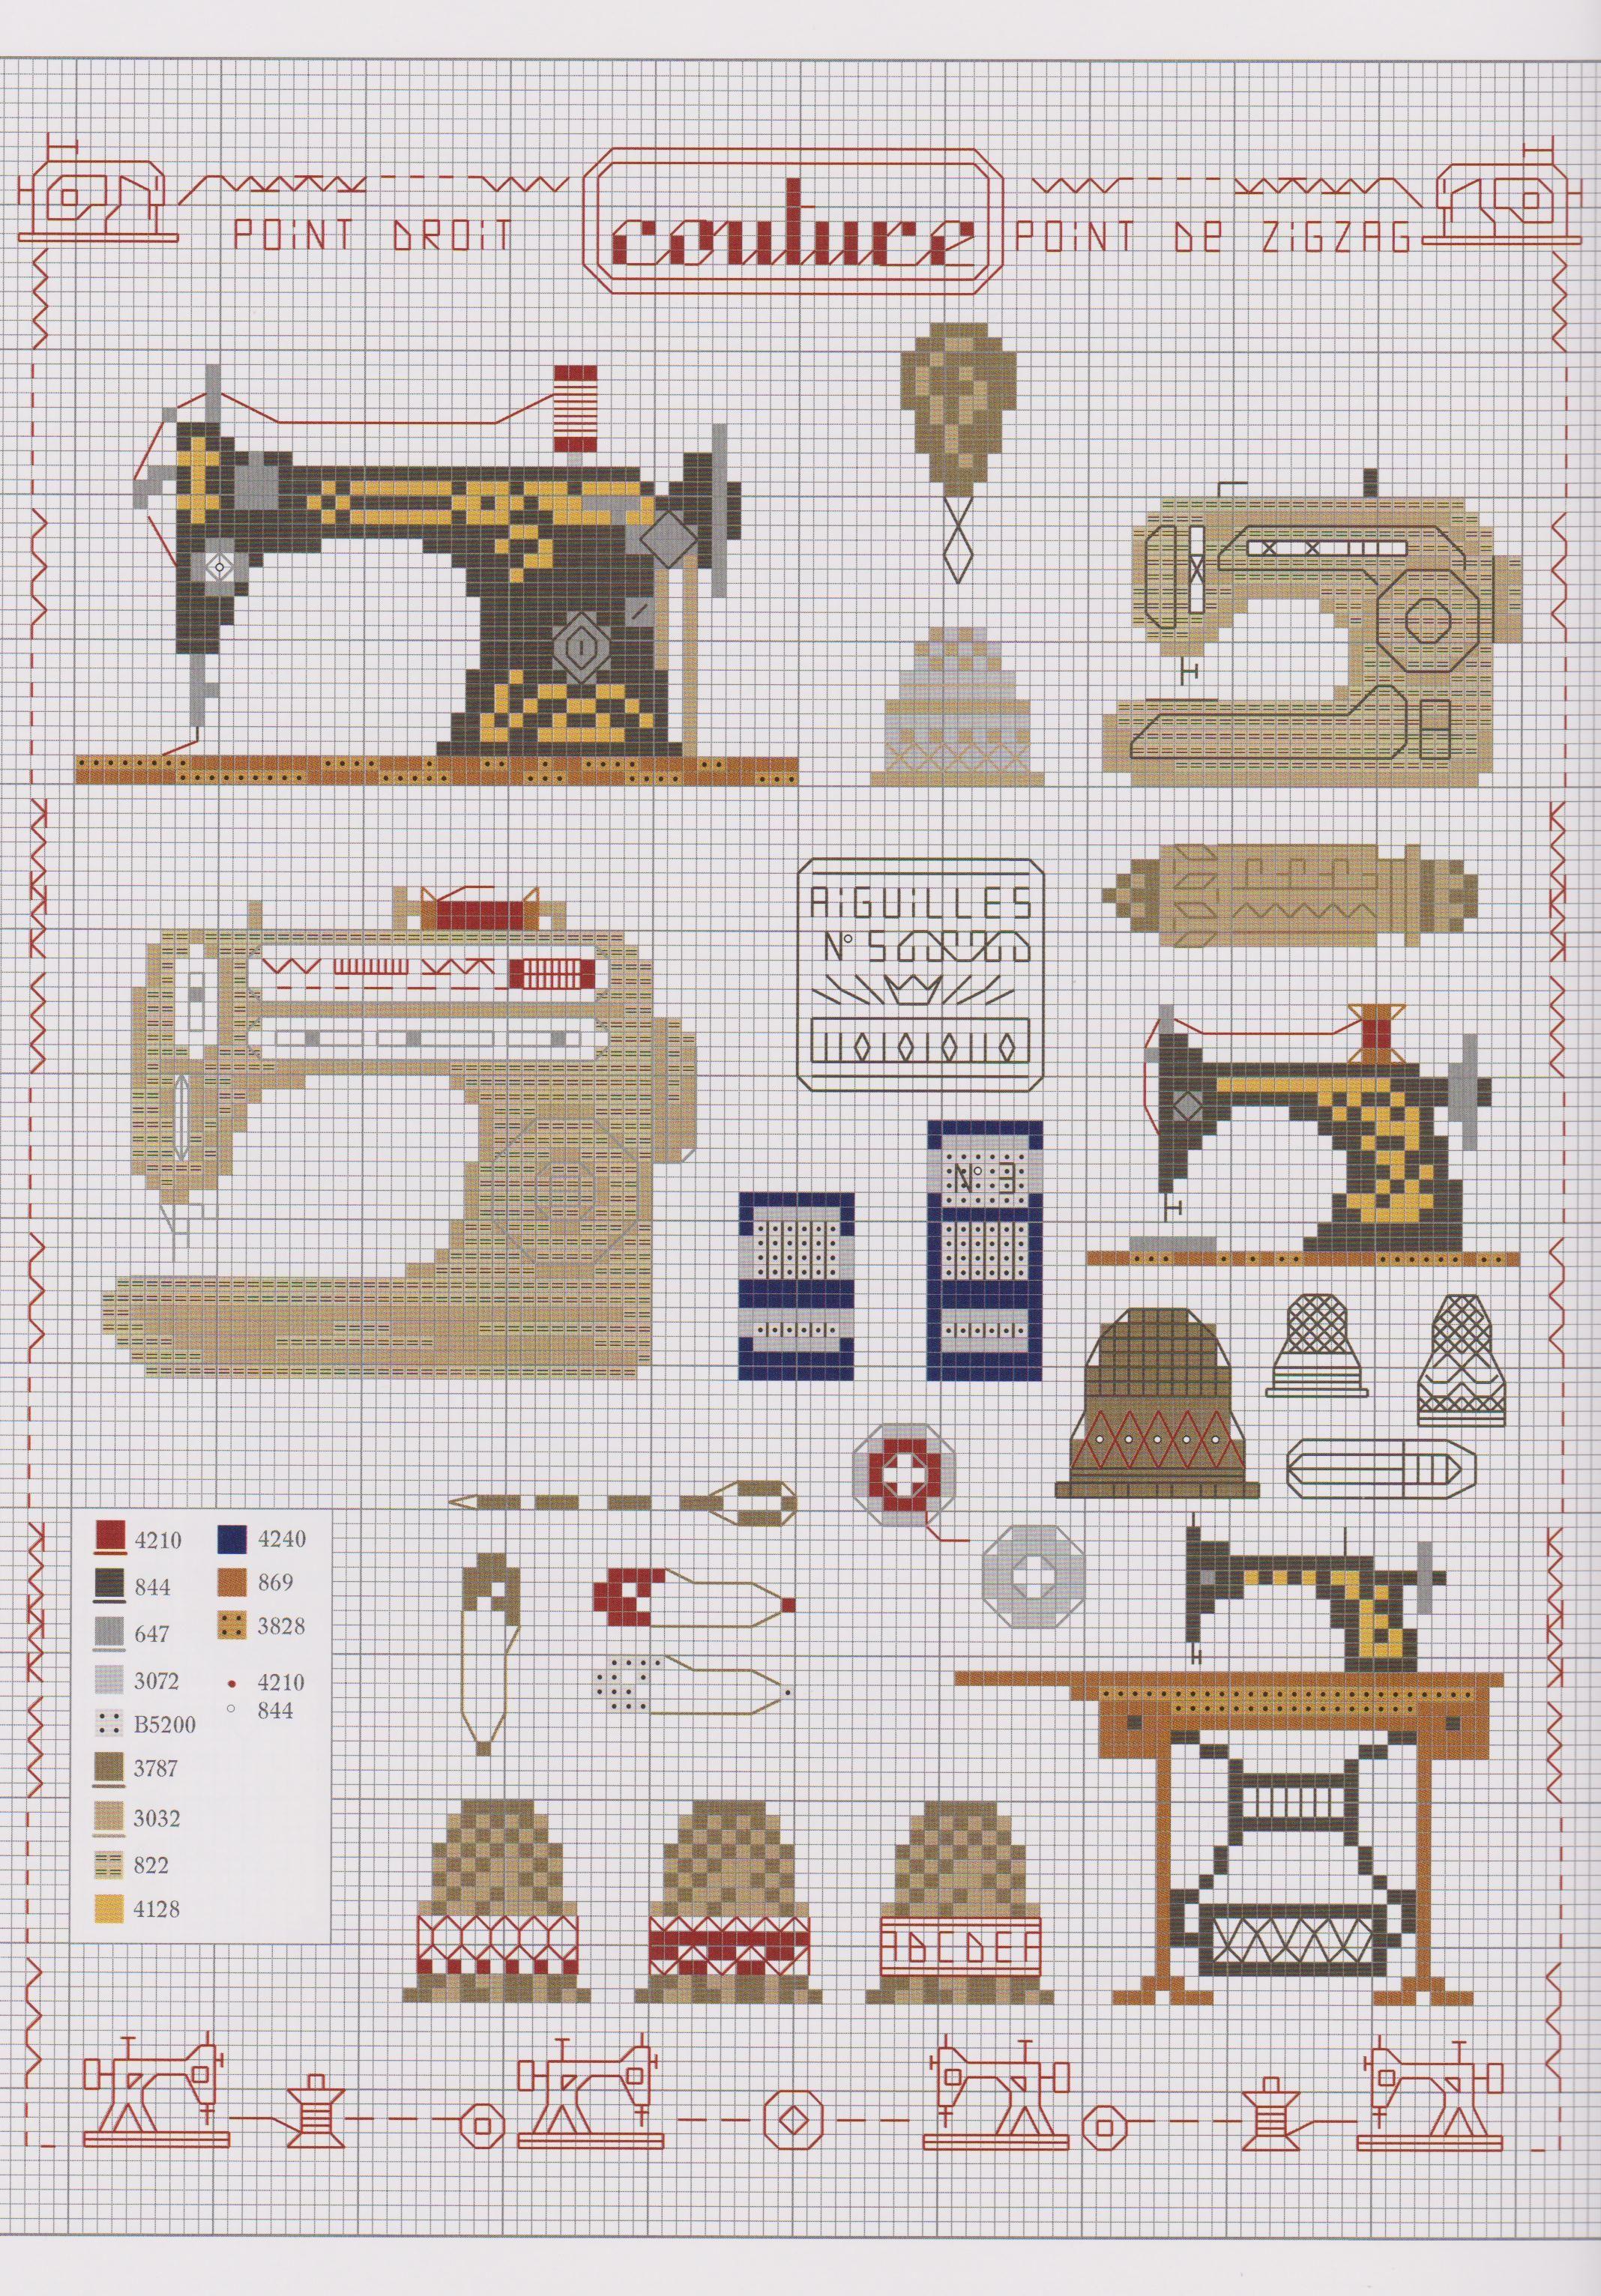 Sewing cross stitch | punto de cruz | Pinterest | Punto de cruz y Puntos